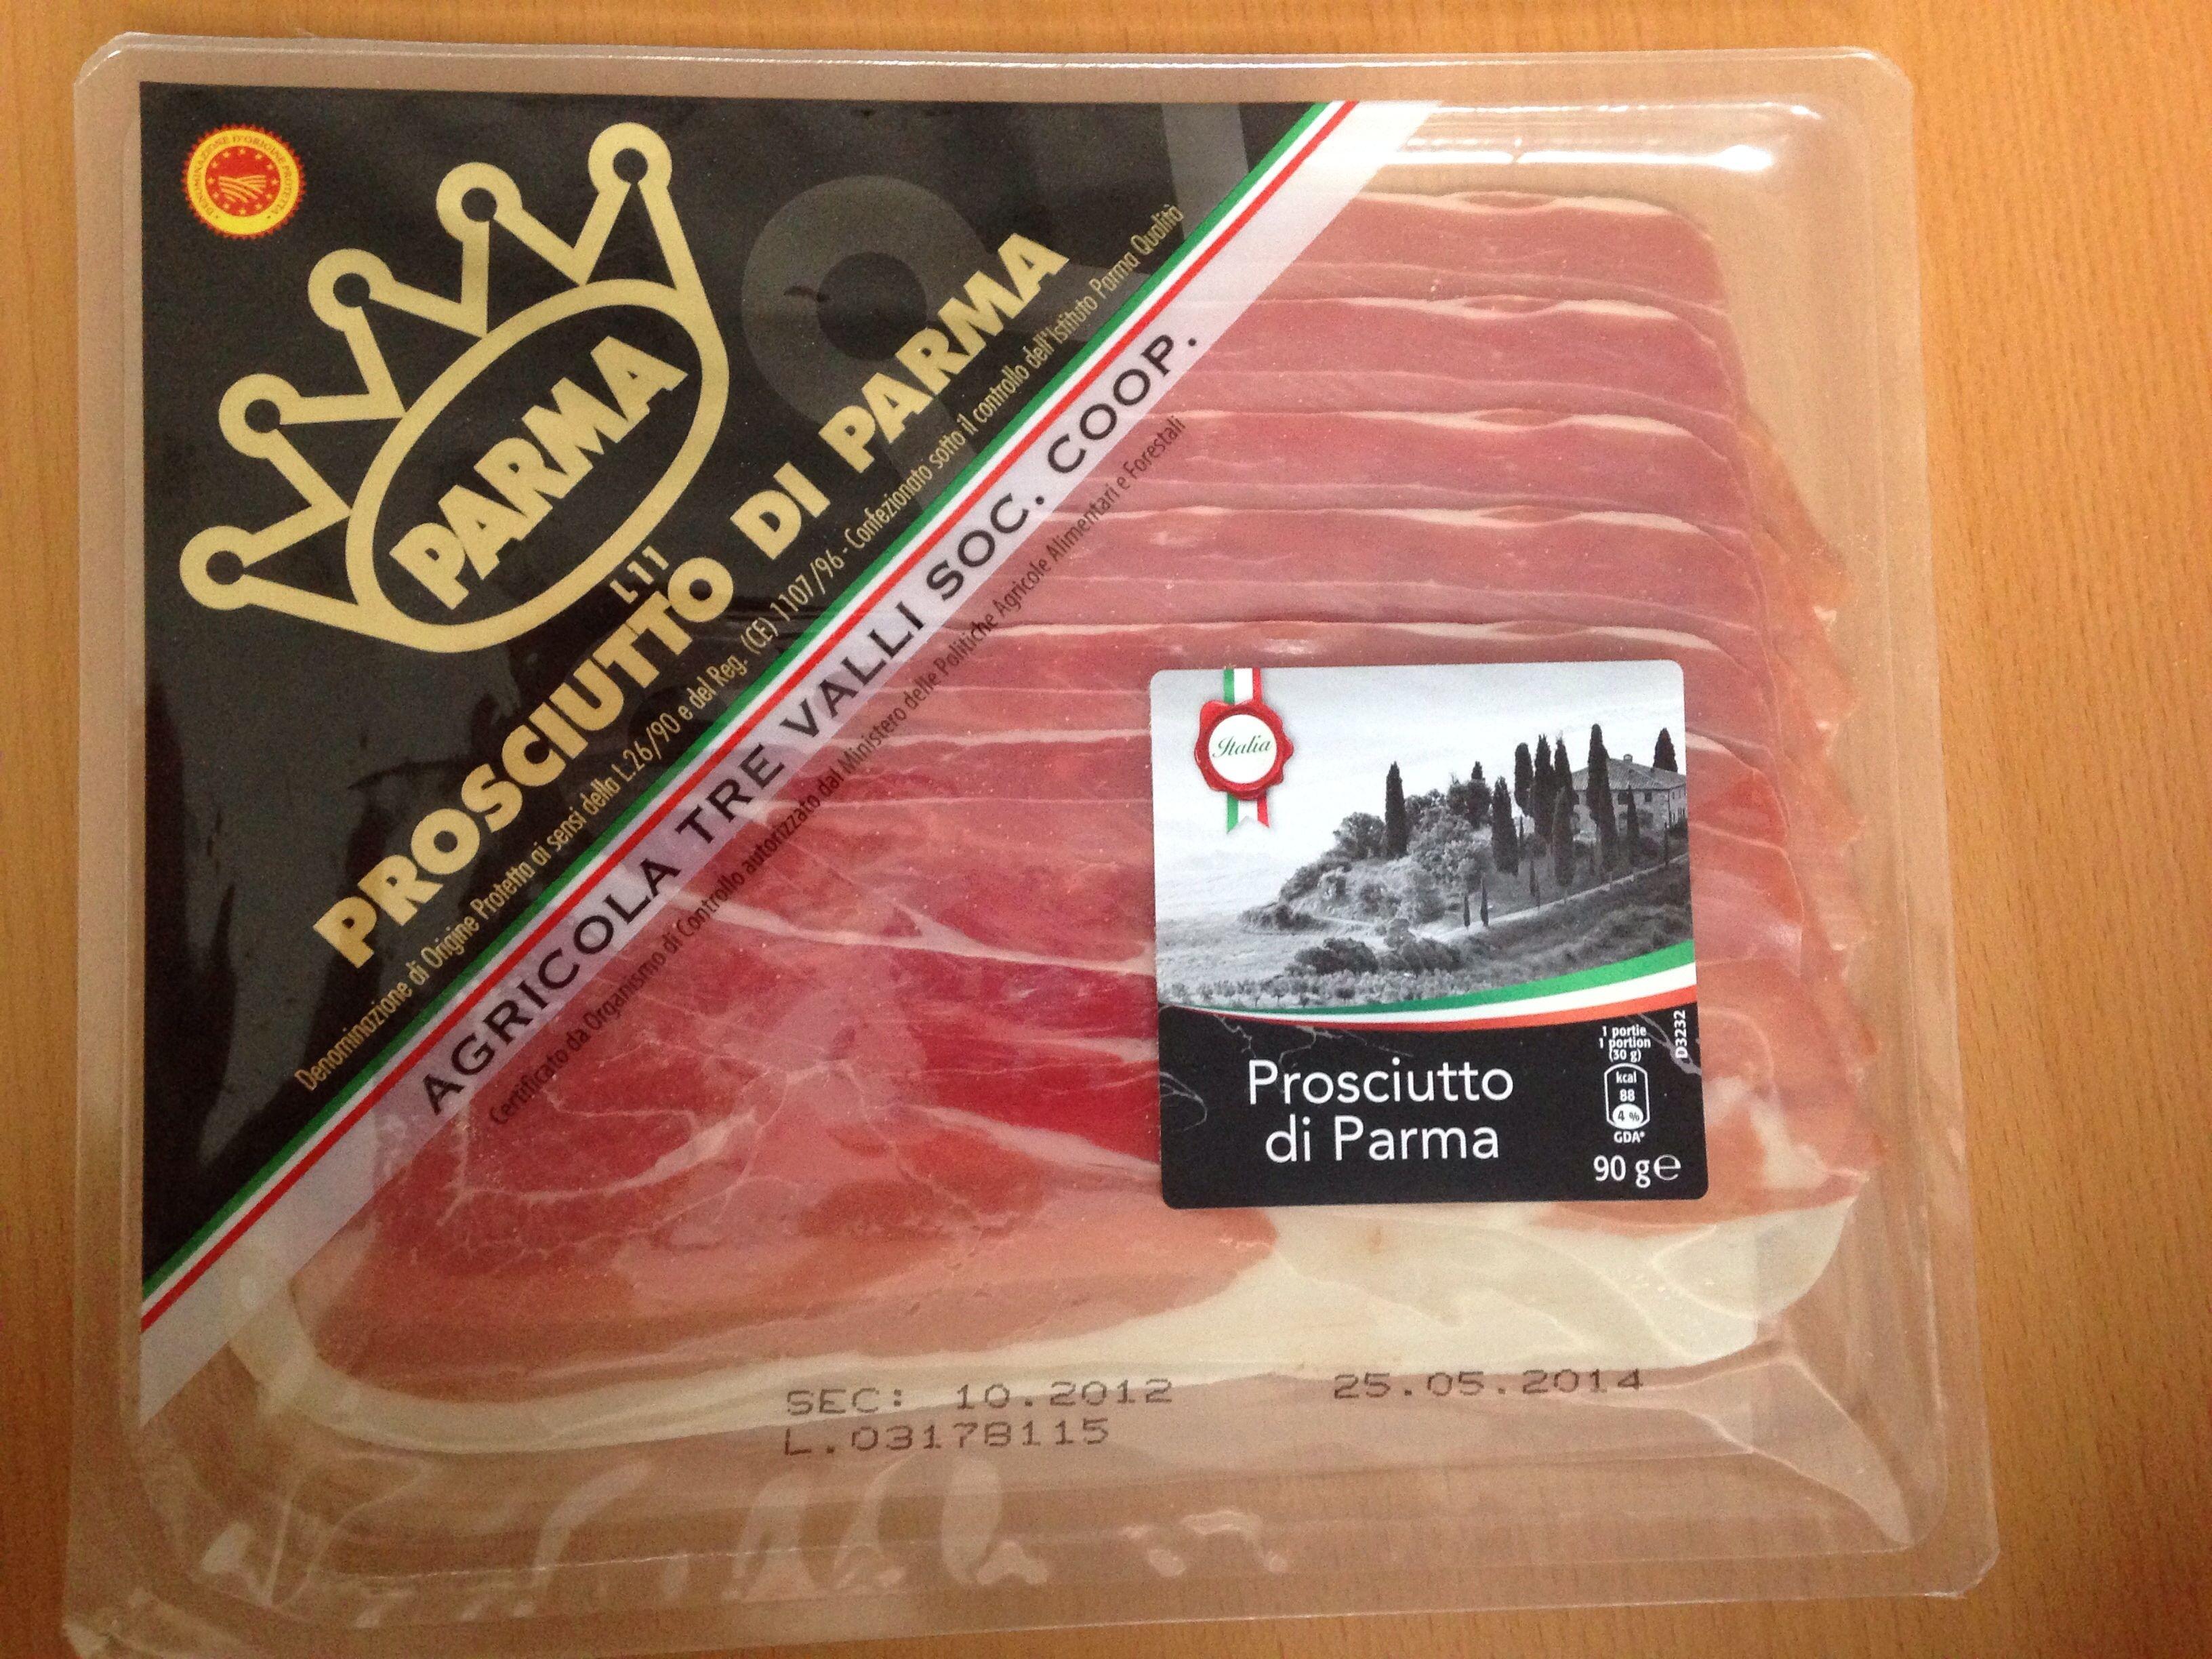 Prosciutto di Parma - Product - en